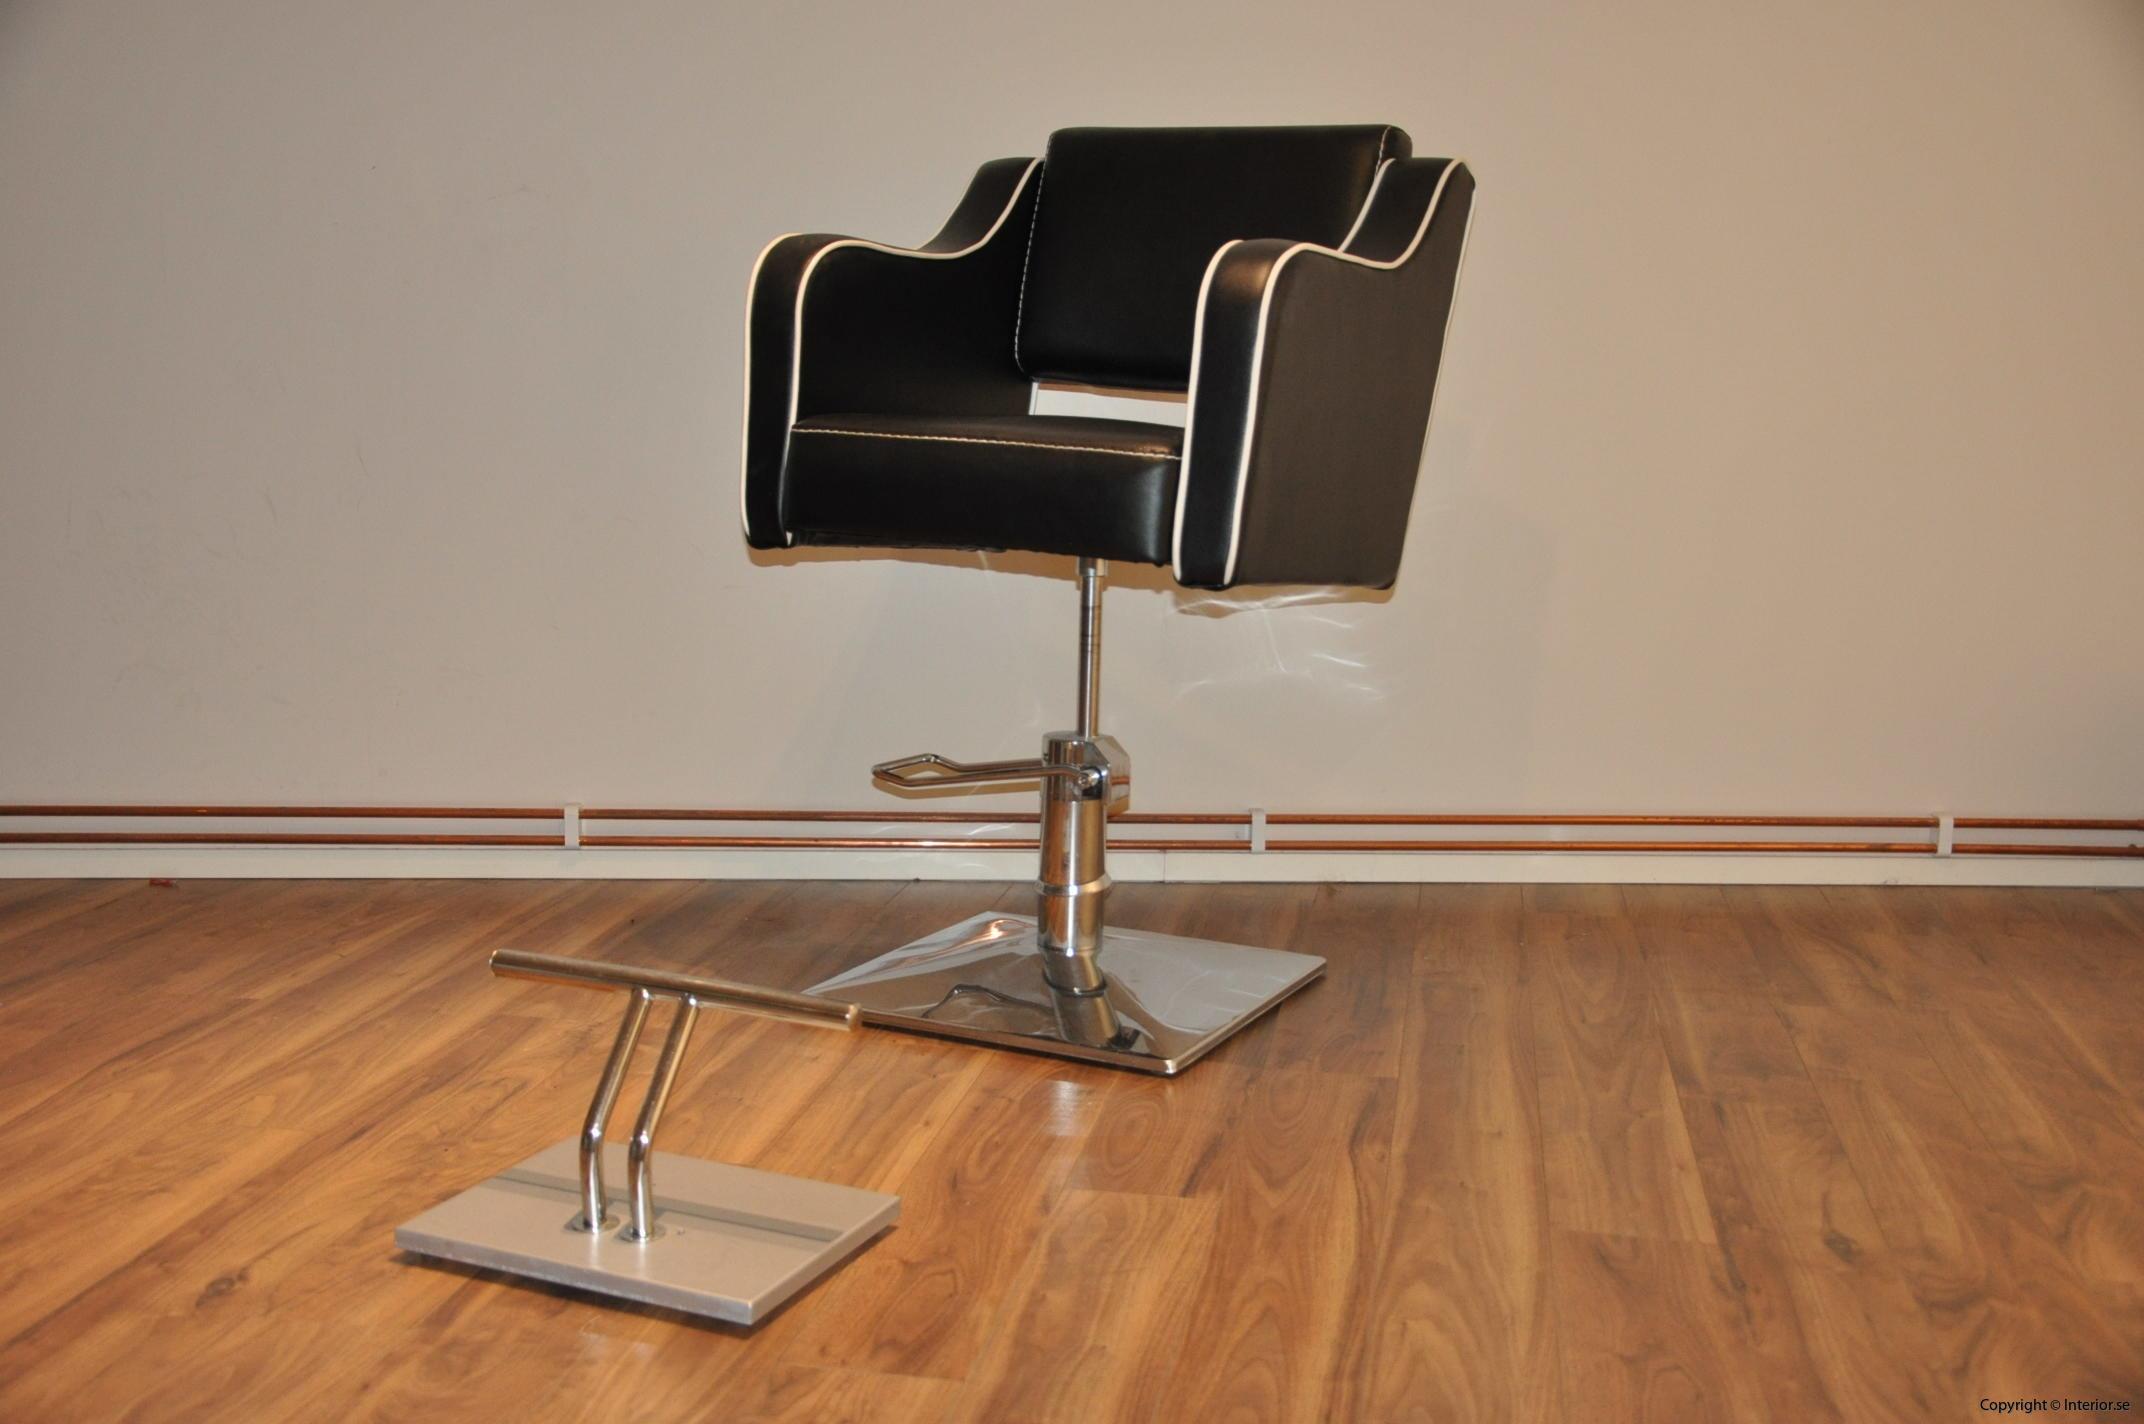 frisörstol friserstol salong stol möbler (4)